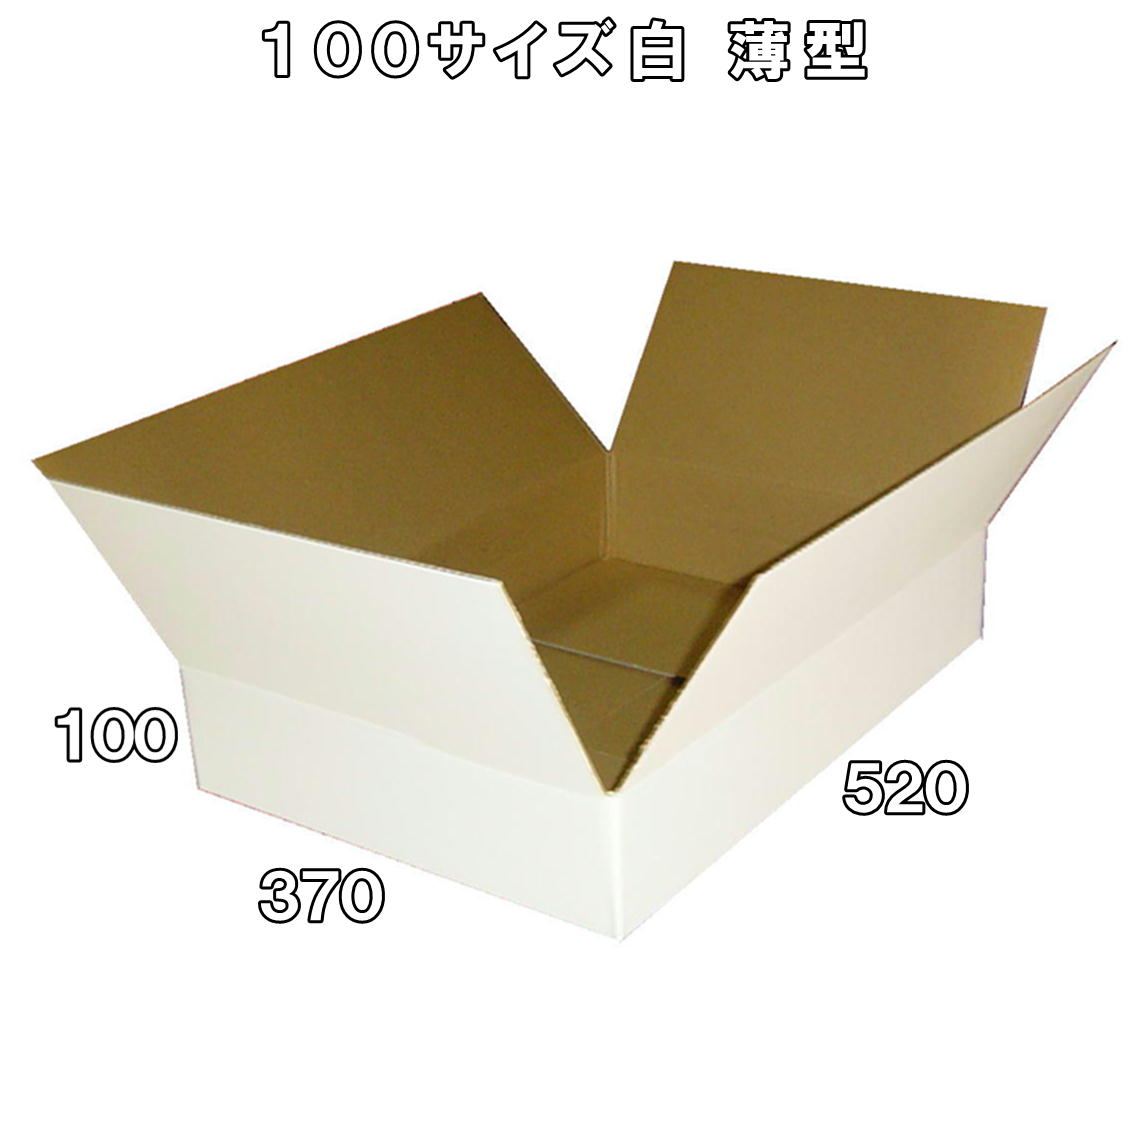 【送料無料】100サイズ激安白ダンボール箱 20枚 便利線入り※この商品はヤマト運輸での配送です※